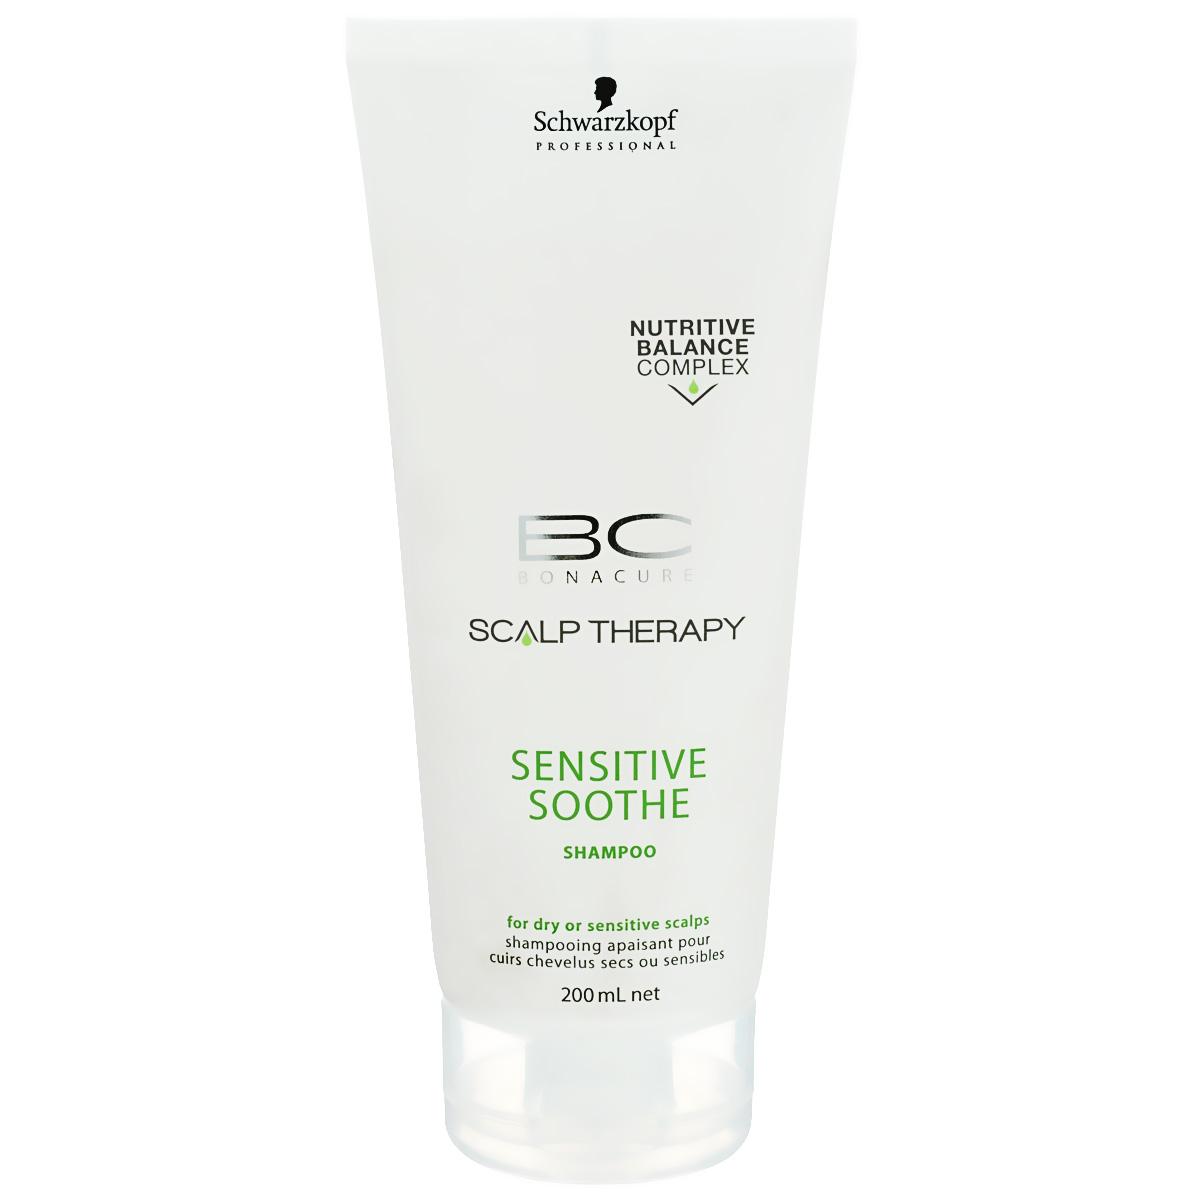 Bonacure Шампунь для чувствительной кожи головы Scalp Therapy Sensitive Shampoo 200 млSatin Hair 7 BR730MNМягкий шампунь для всех типов волос и чувствительной кожи головы. Легкая формула с мягкими поверхностно - активными веществами деликатно очищает кожу головы, помогая избежать последующего раздражения. Содержит Таурин который способствует поддержанию естественных защитных функций кожи головы. Для достижения максимального результата рекомендуется использовать в комплексе с сывороткой BC Scalp Therapy Sensitive Scalp.